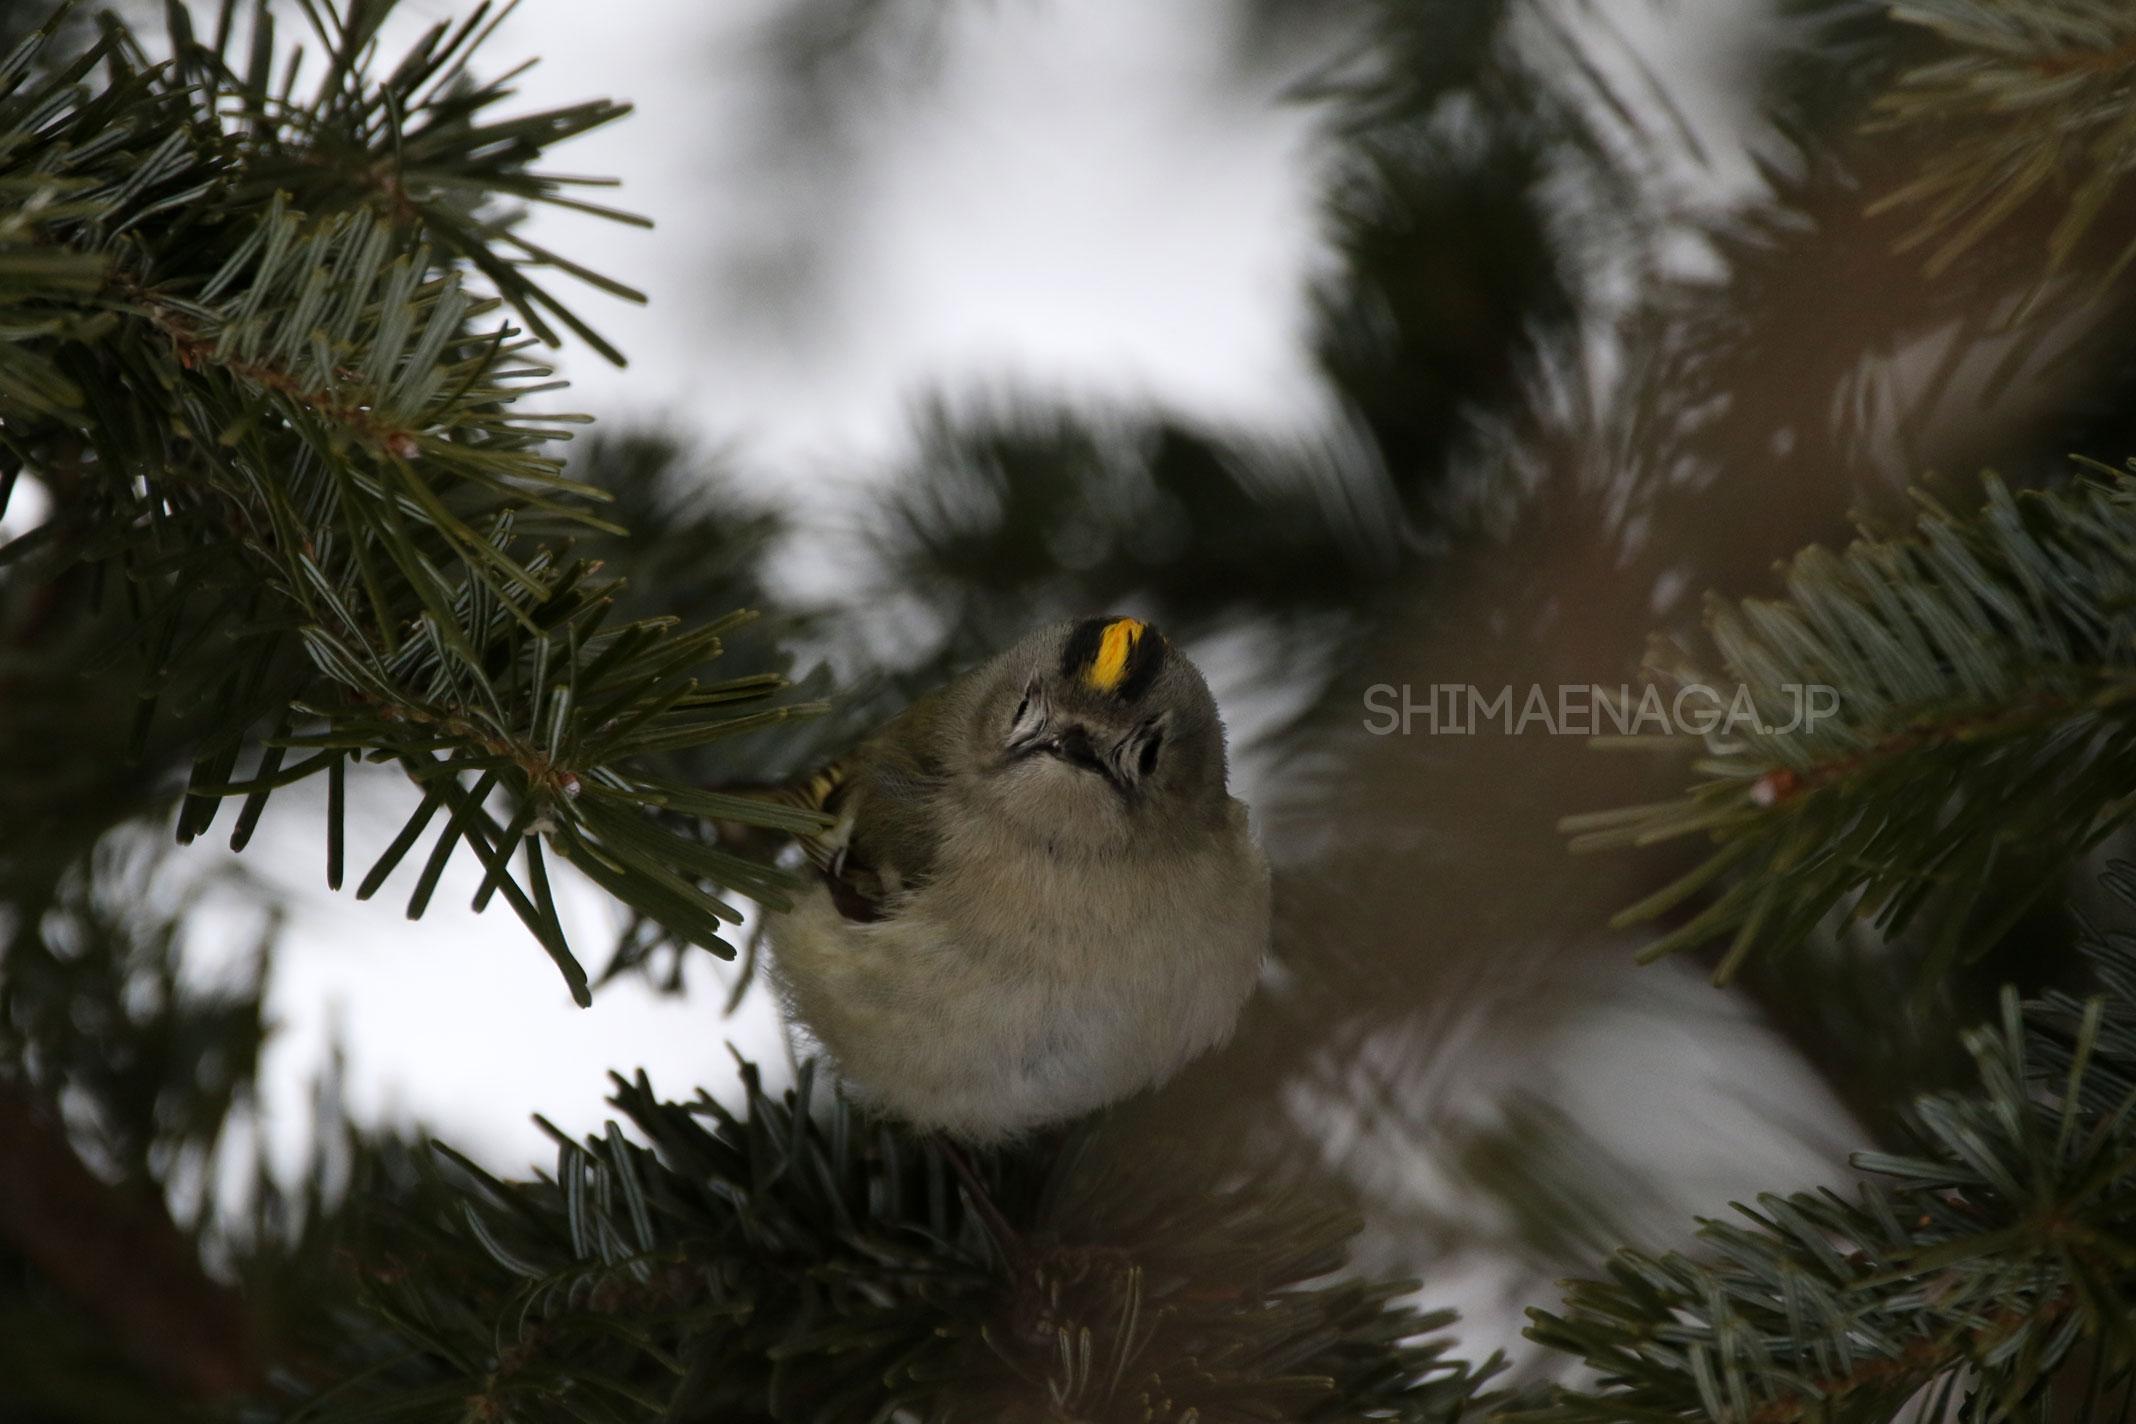 日本で見られる鳥のなかで1番小さいキクイタダキ(菊戴)